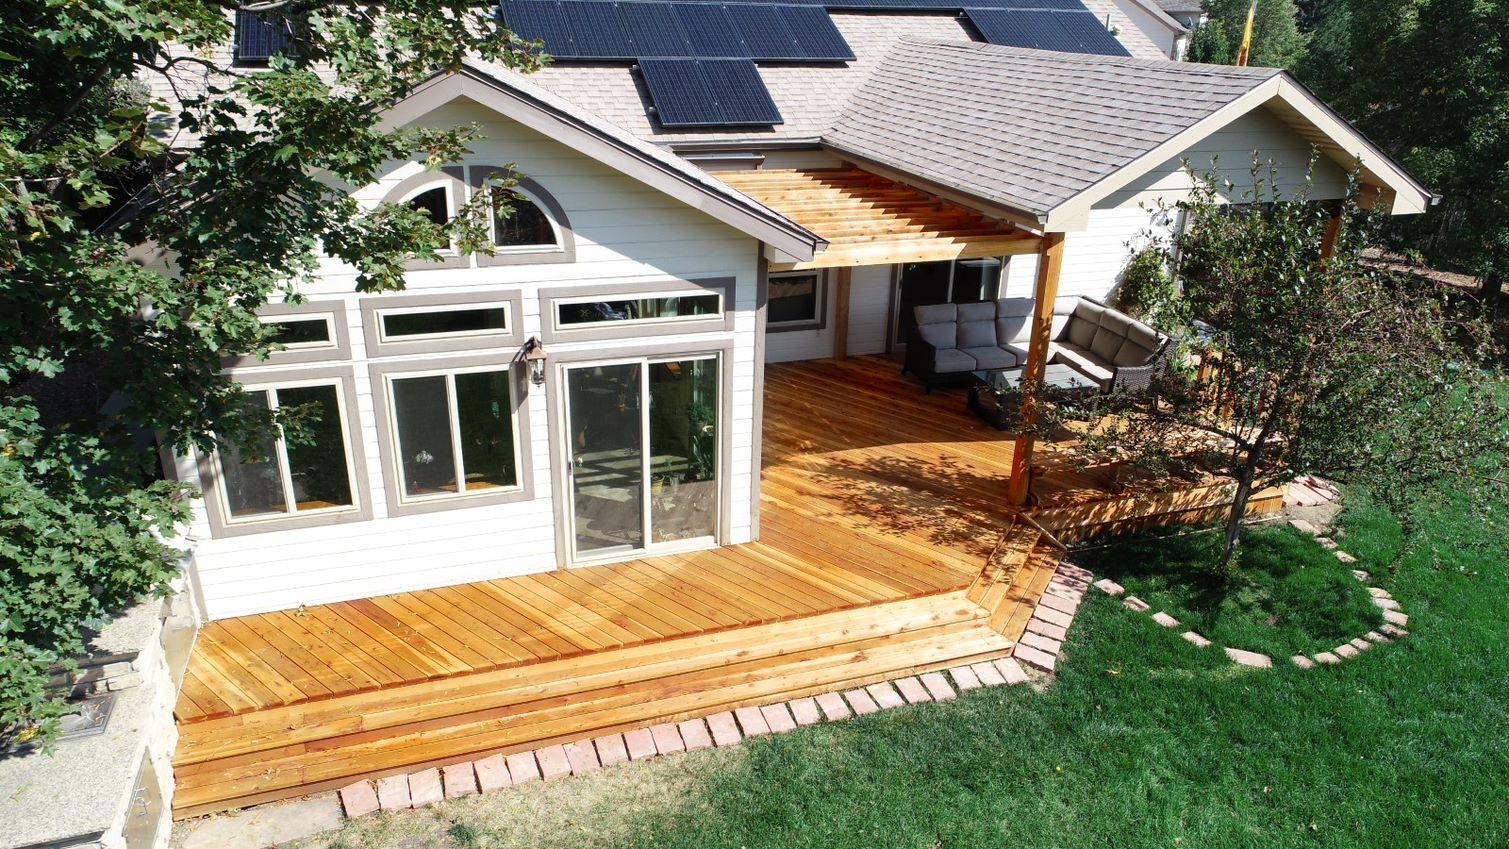 Custom Decks Redwood Deck Patio Cover Pergola Benches Golden Colorado